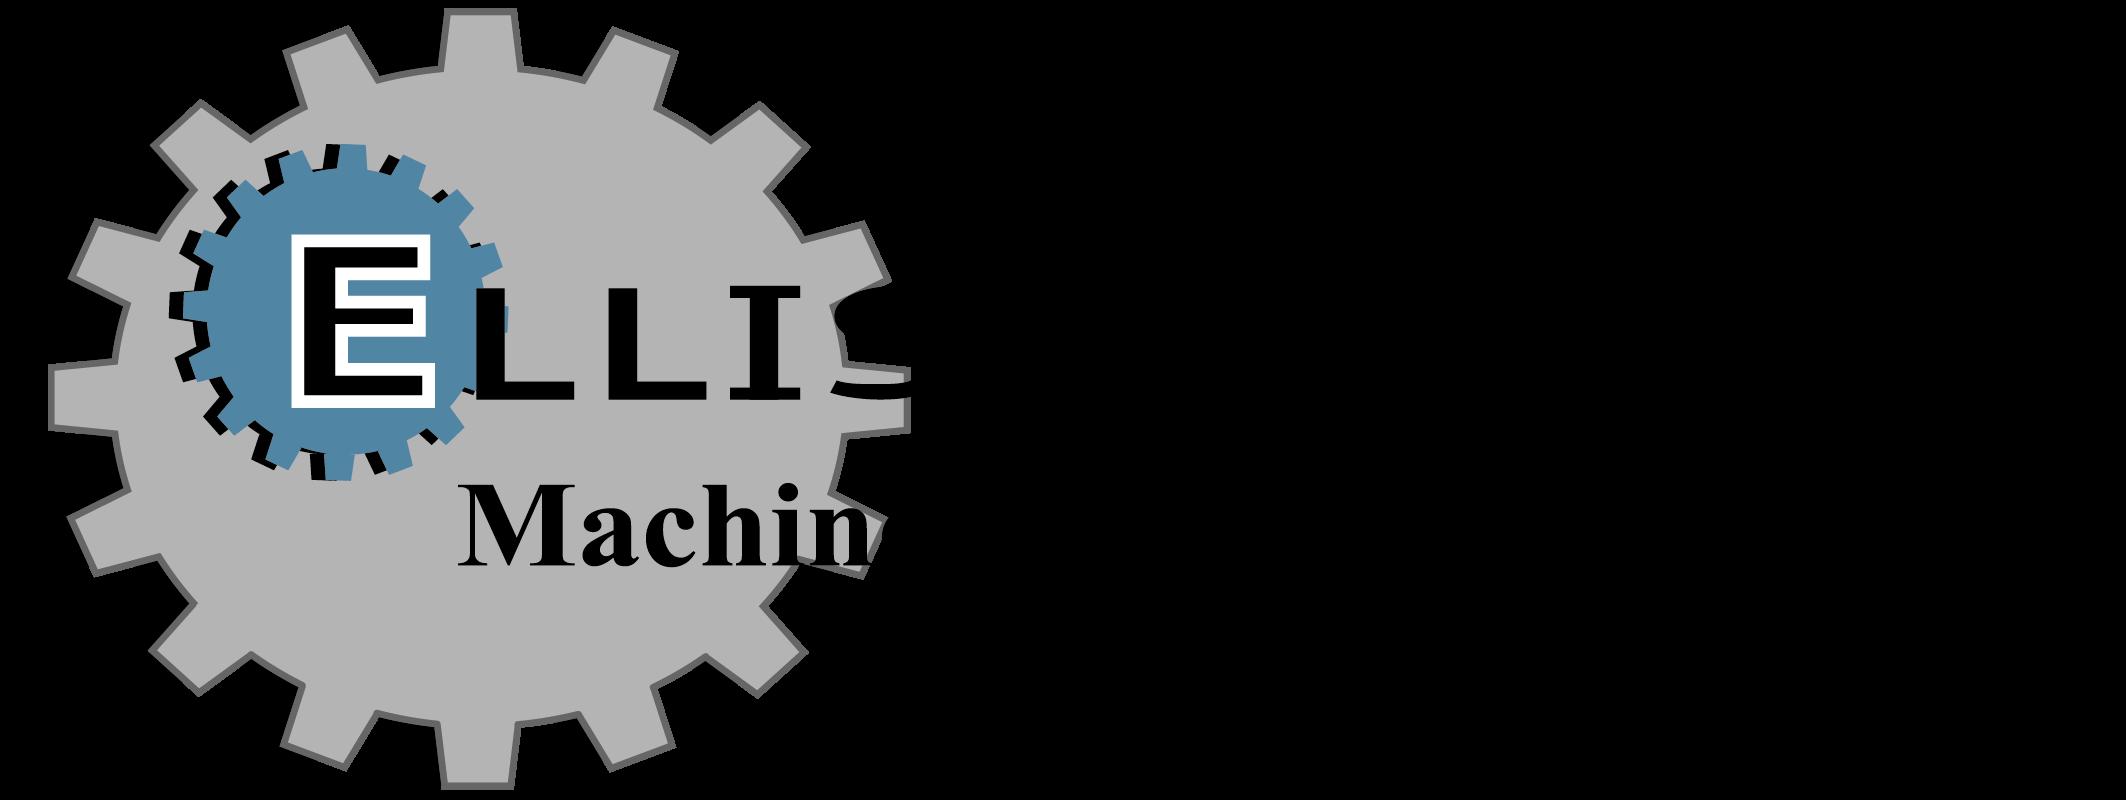 Ellis Machinery & Equipment